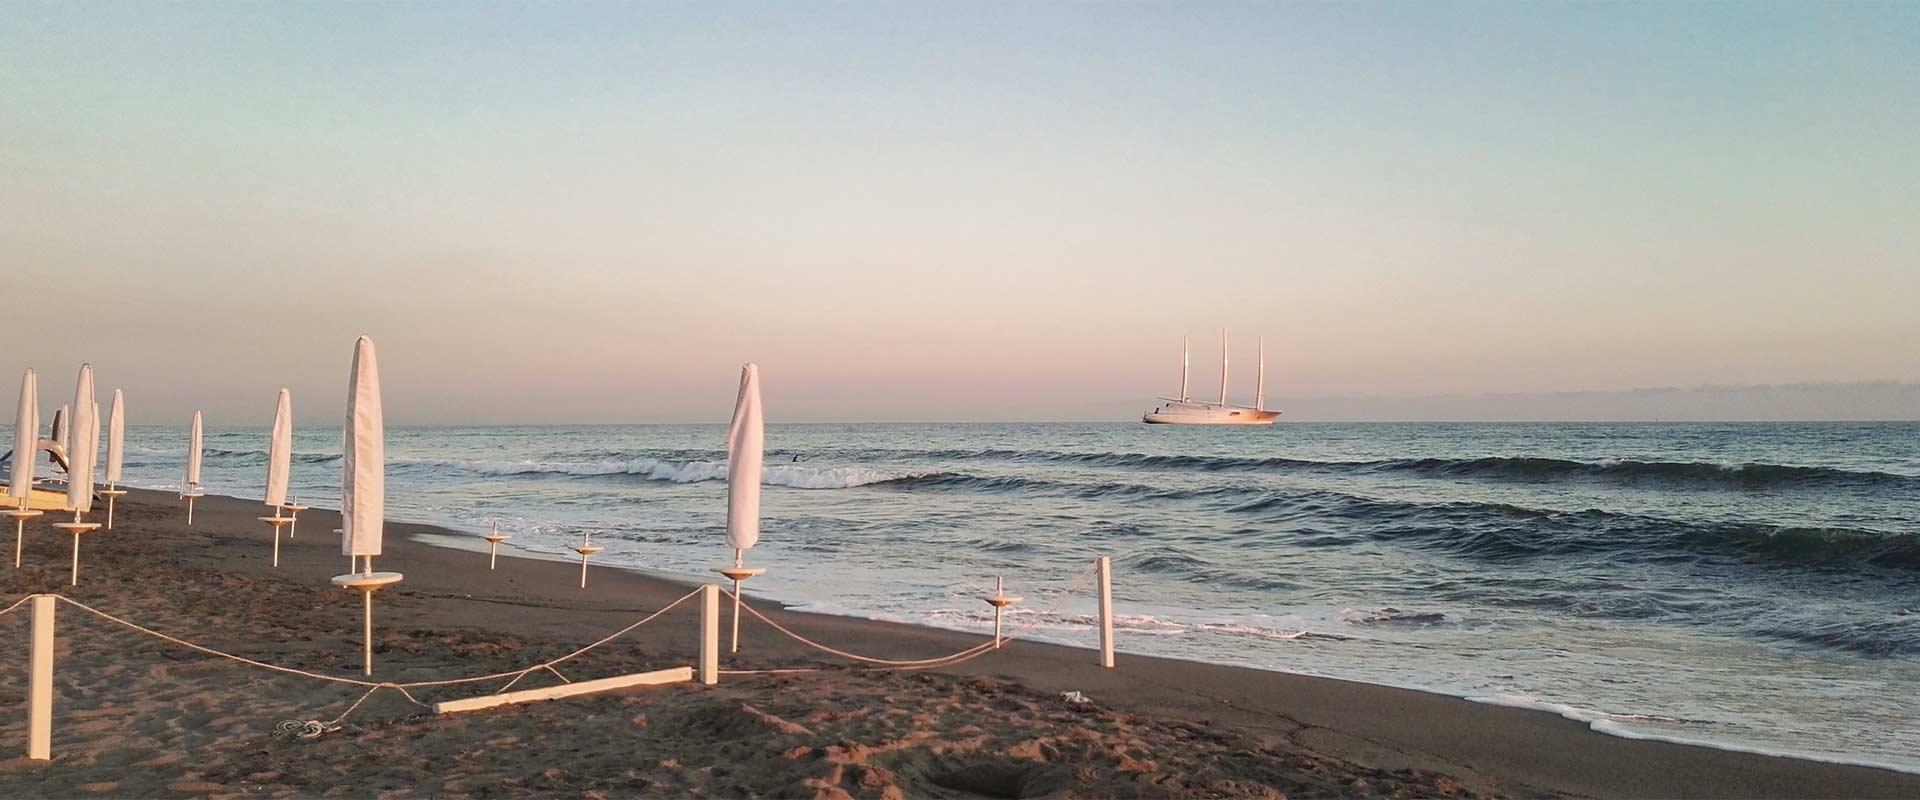 Hotel luciana si trova a marina di massa vicino al centro e spiaggia